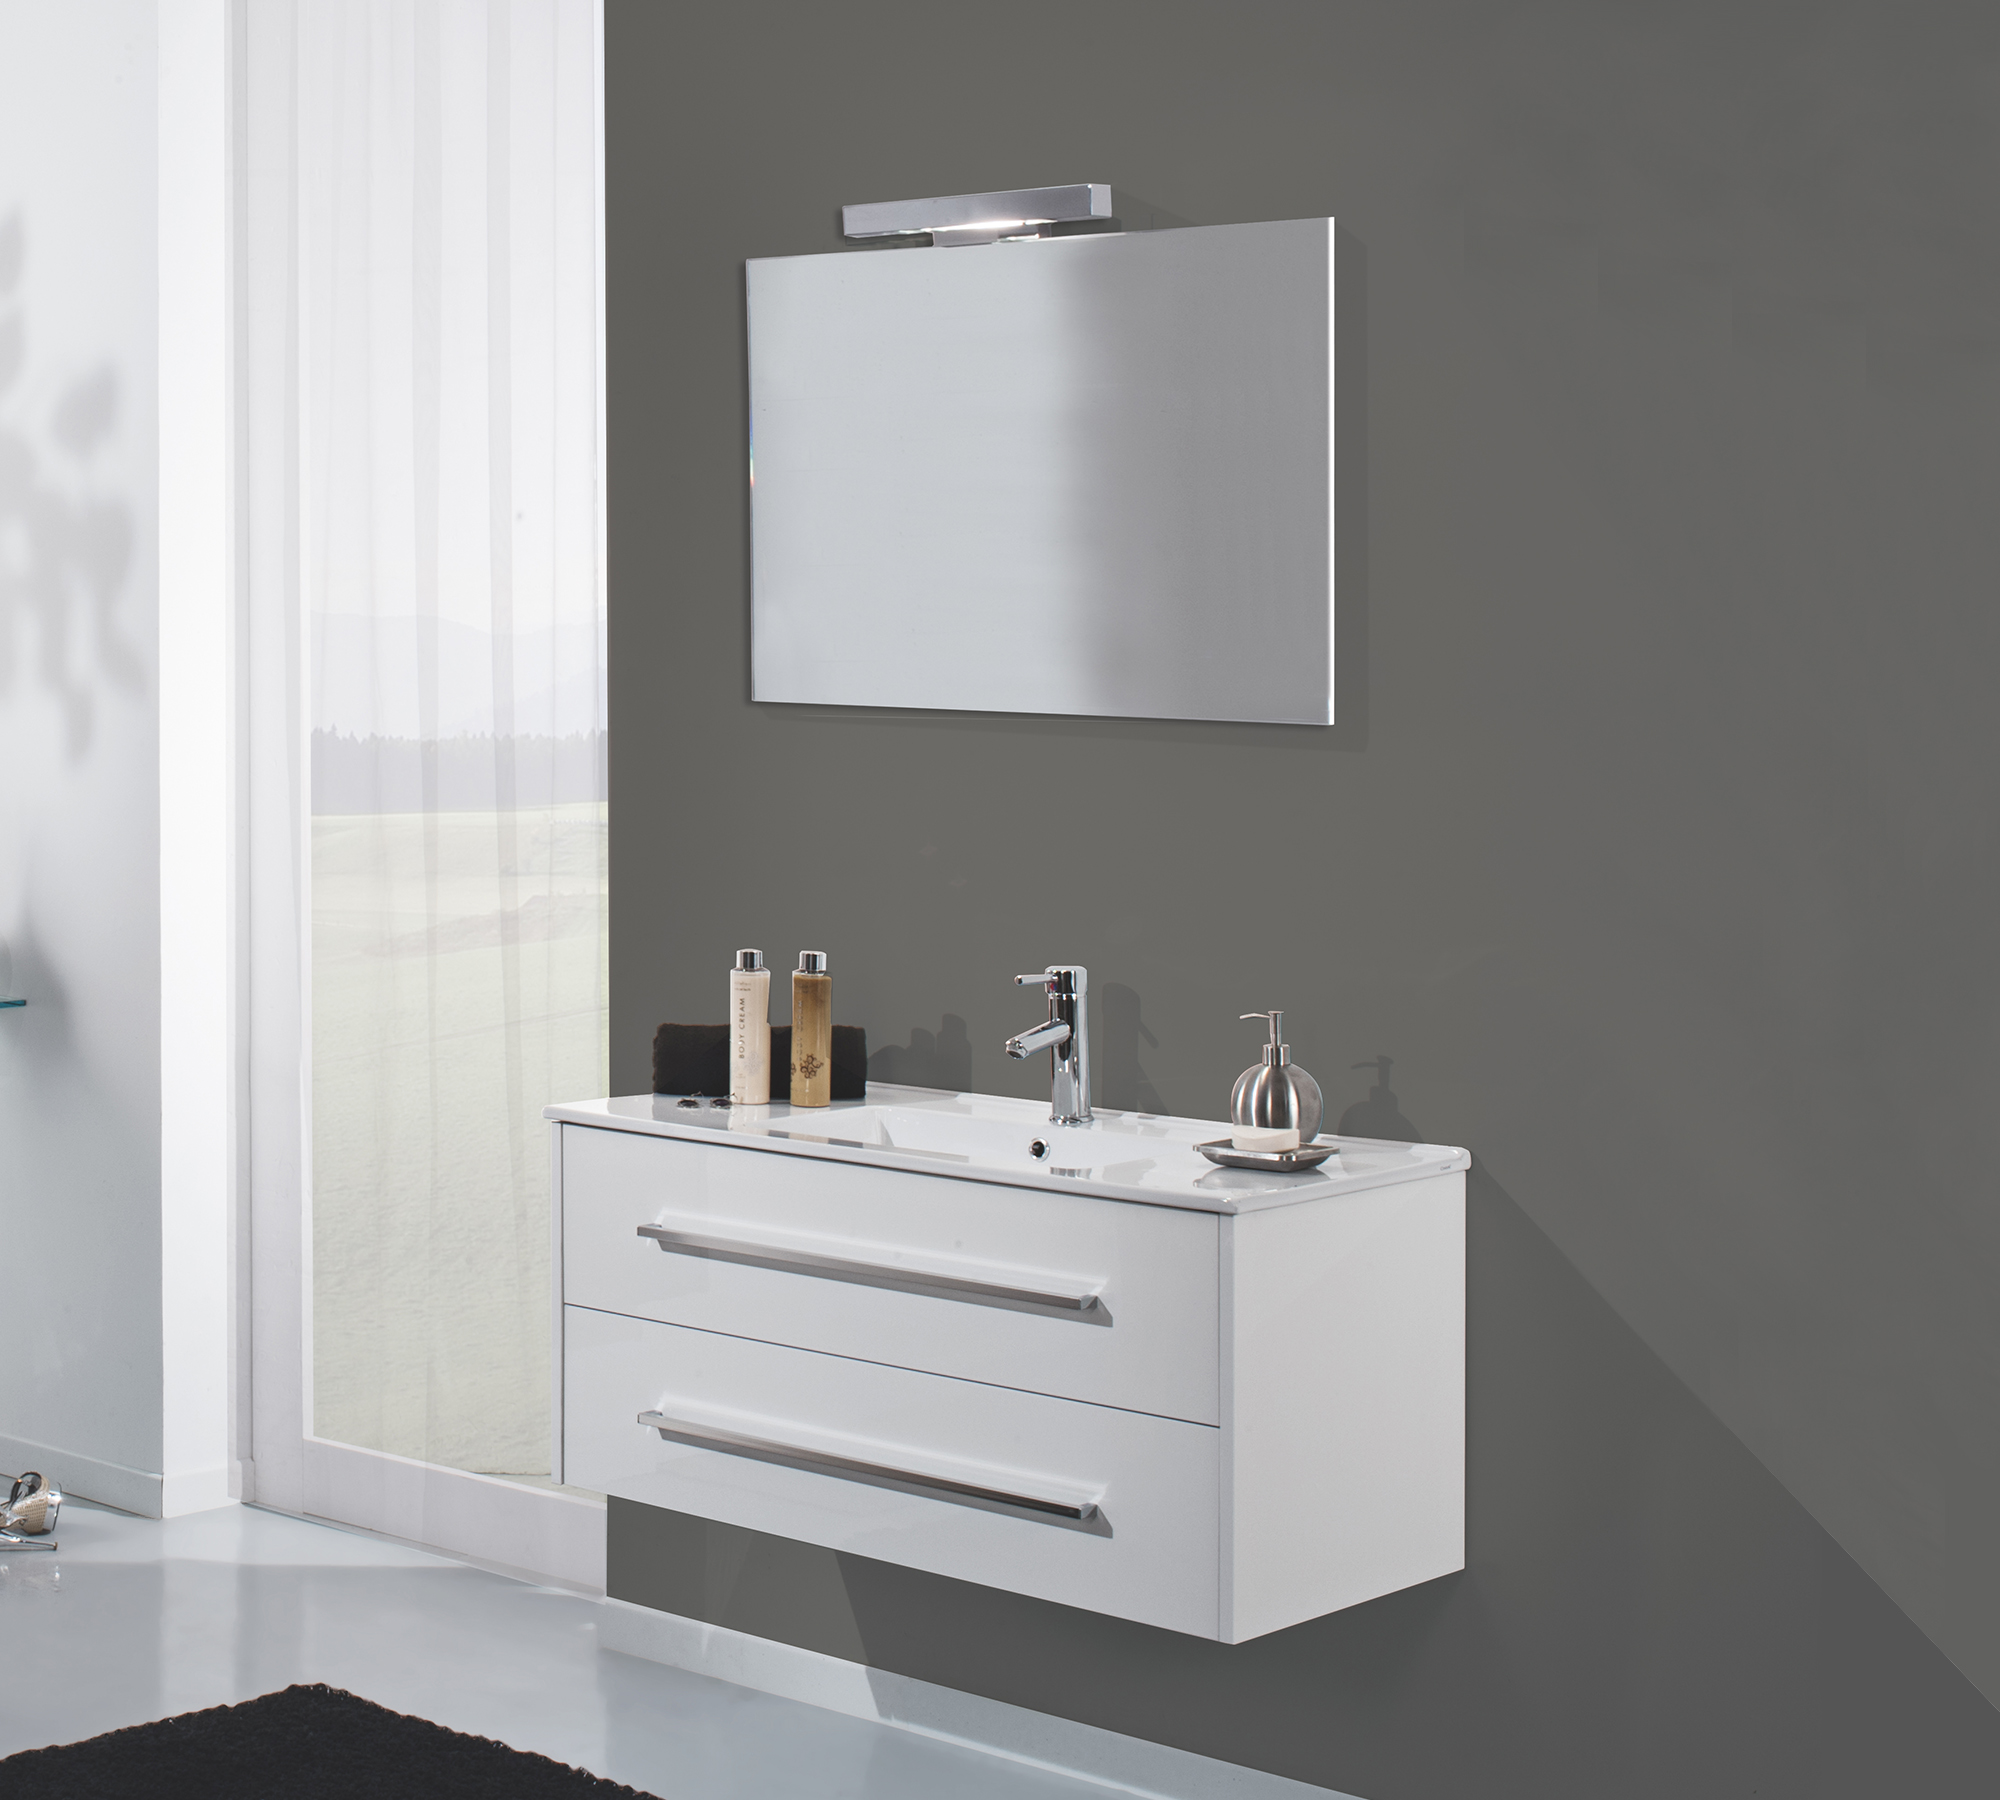 Arredo bagno moderno bianco duzzle for Arredo bagno piccole dimensioni